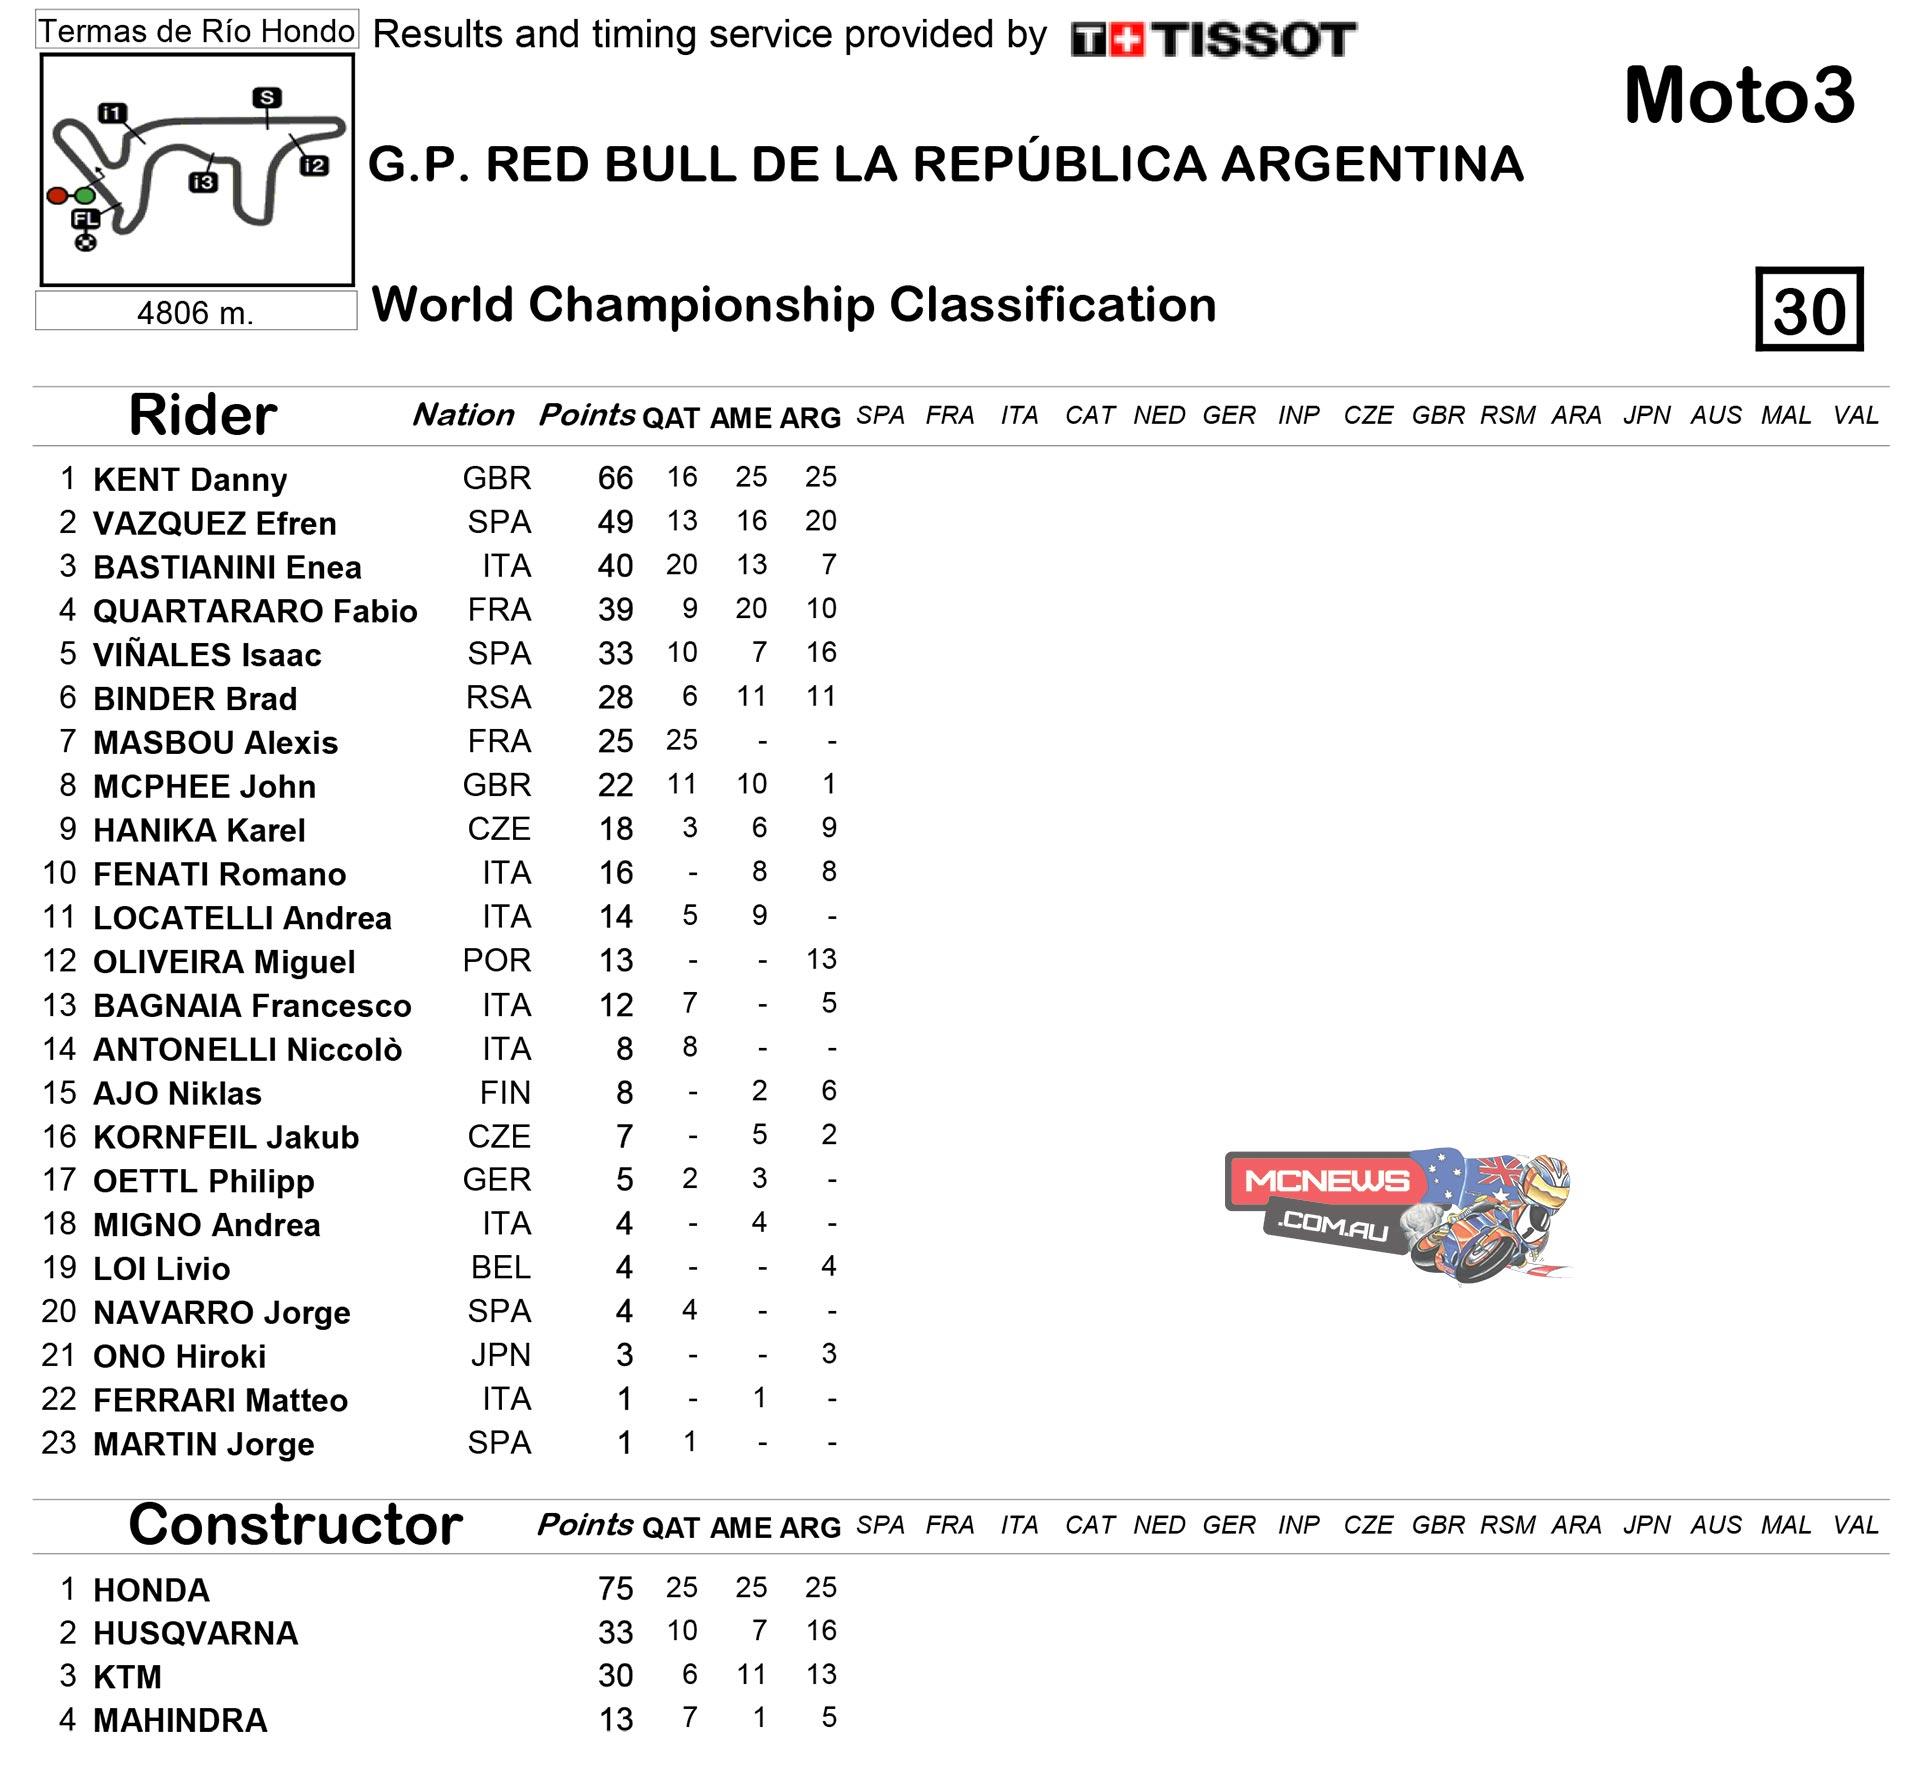 Motogp 2015 Points Standings